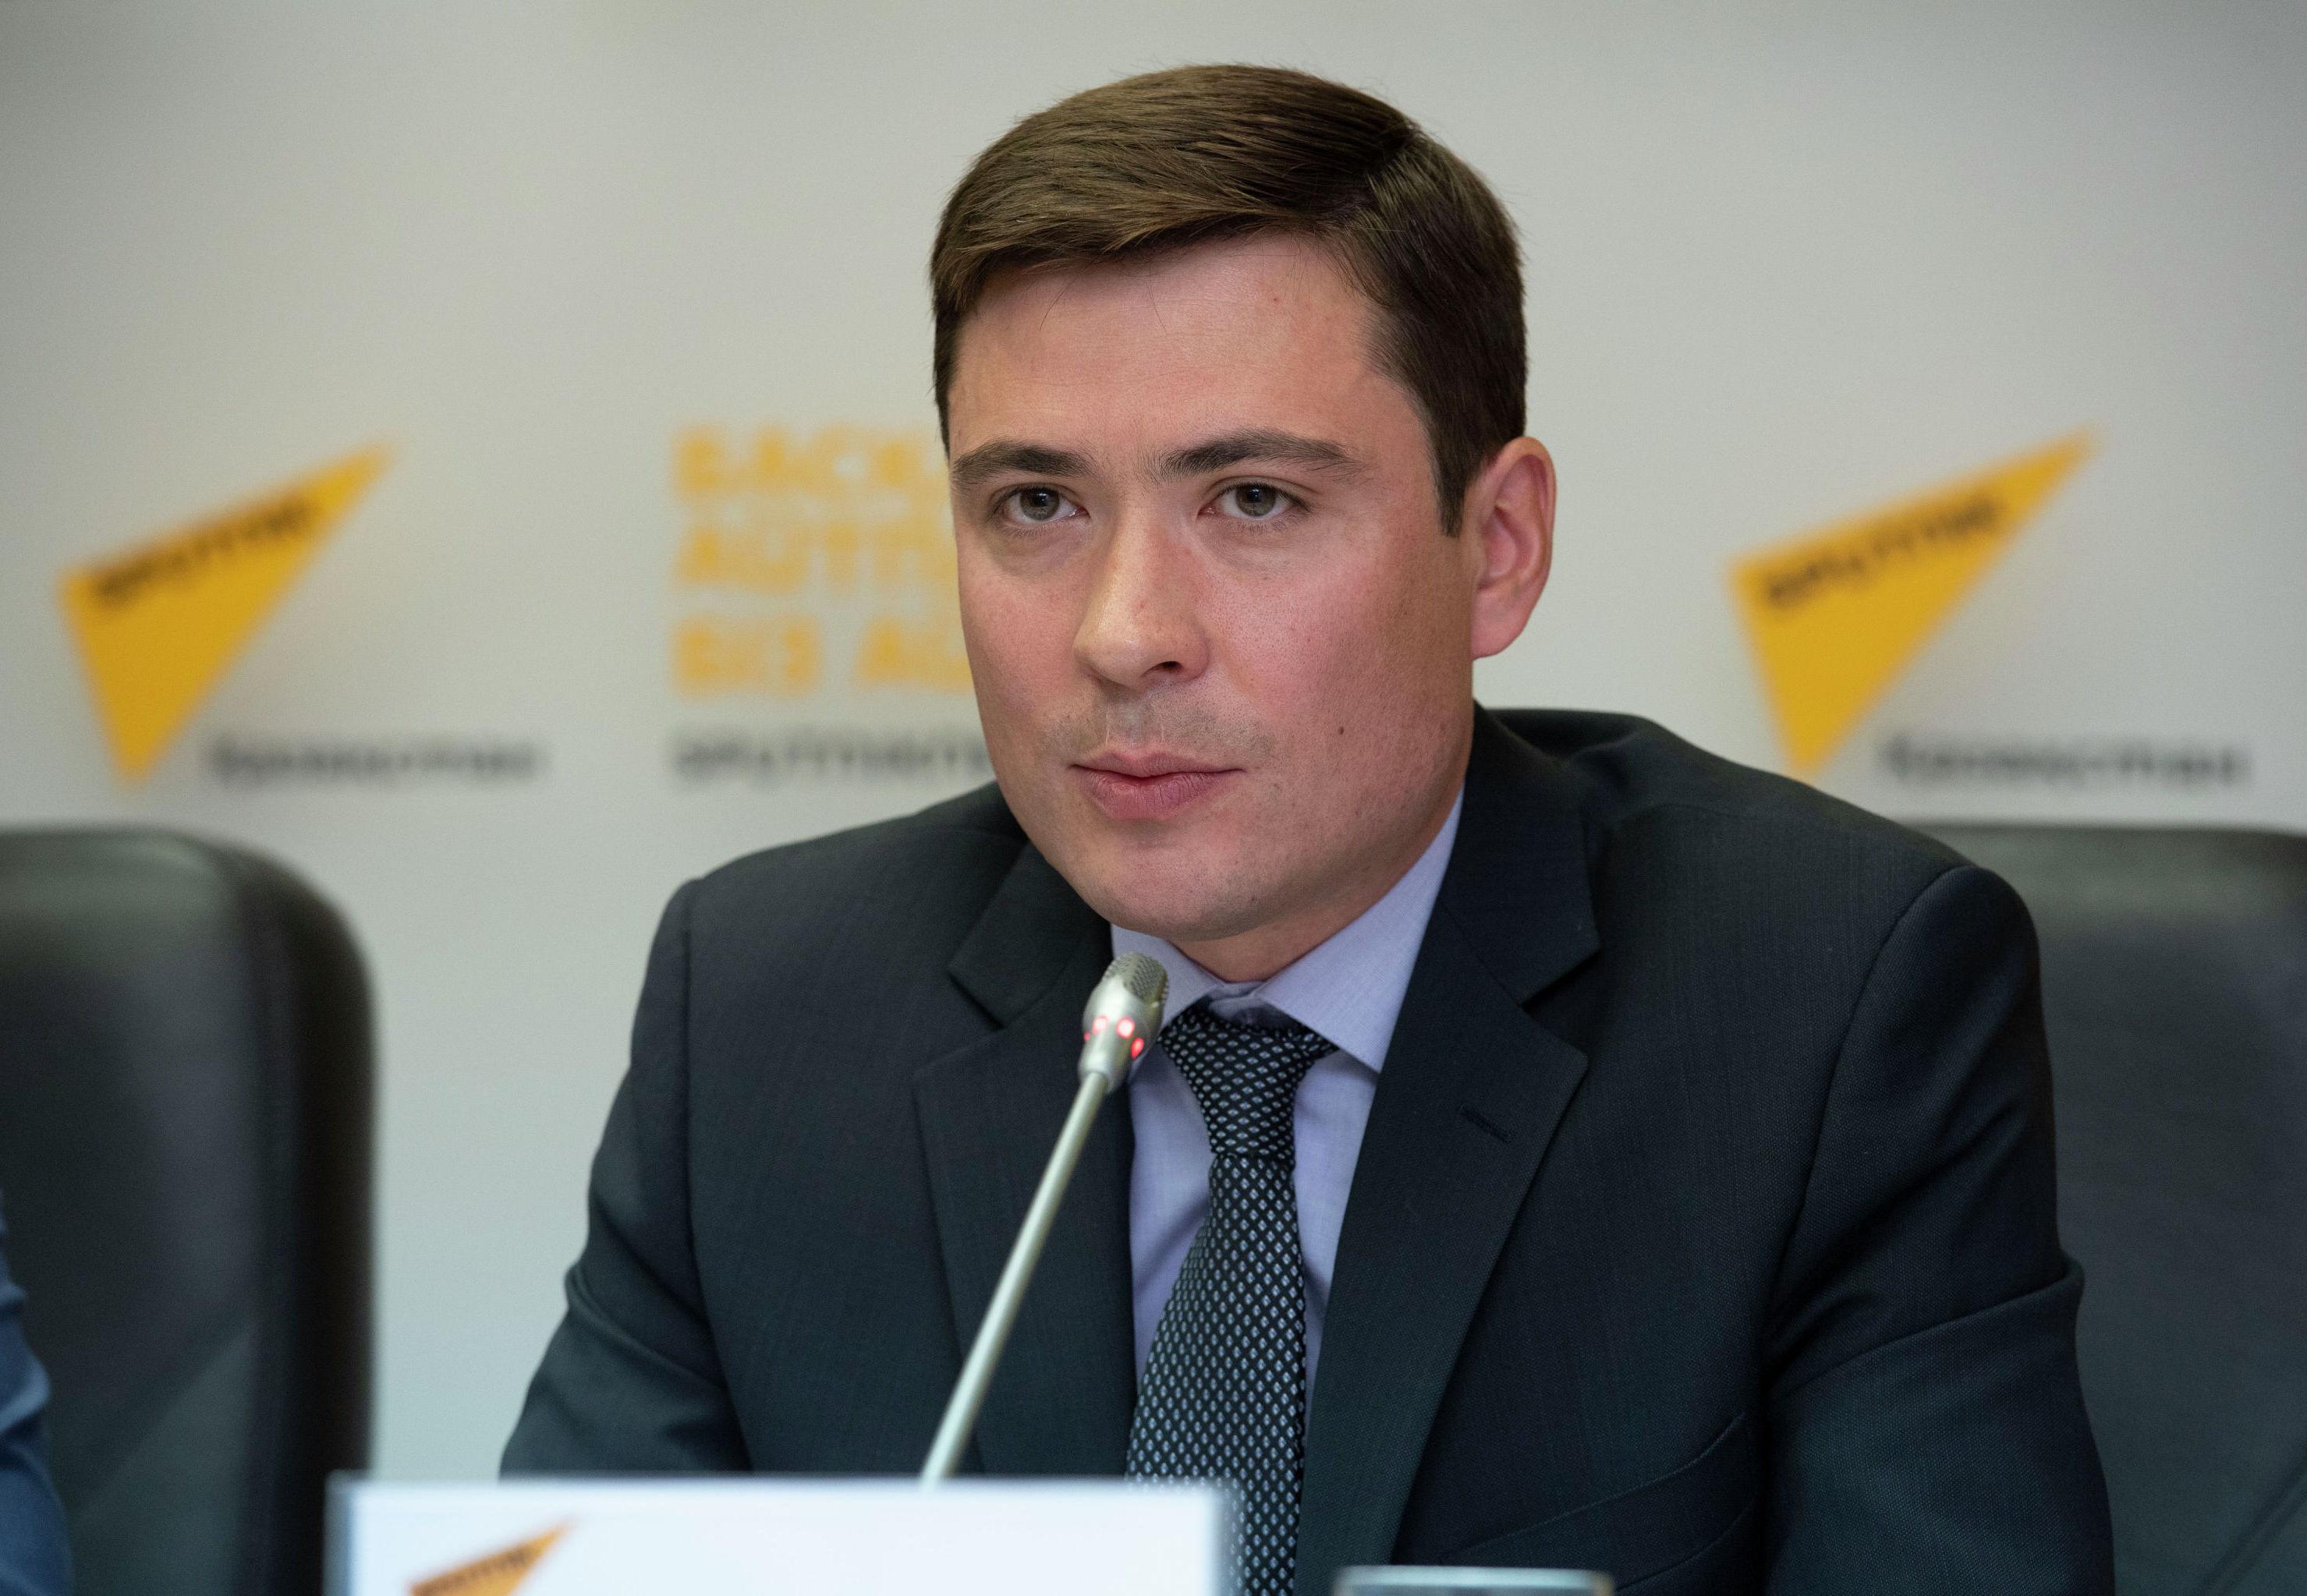 Руководитель департамента устойчивого развития и урбанизации Программы развития ООН в Казахстане Рамазан Жампиисов